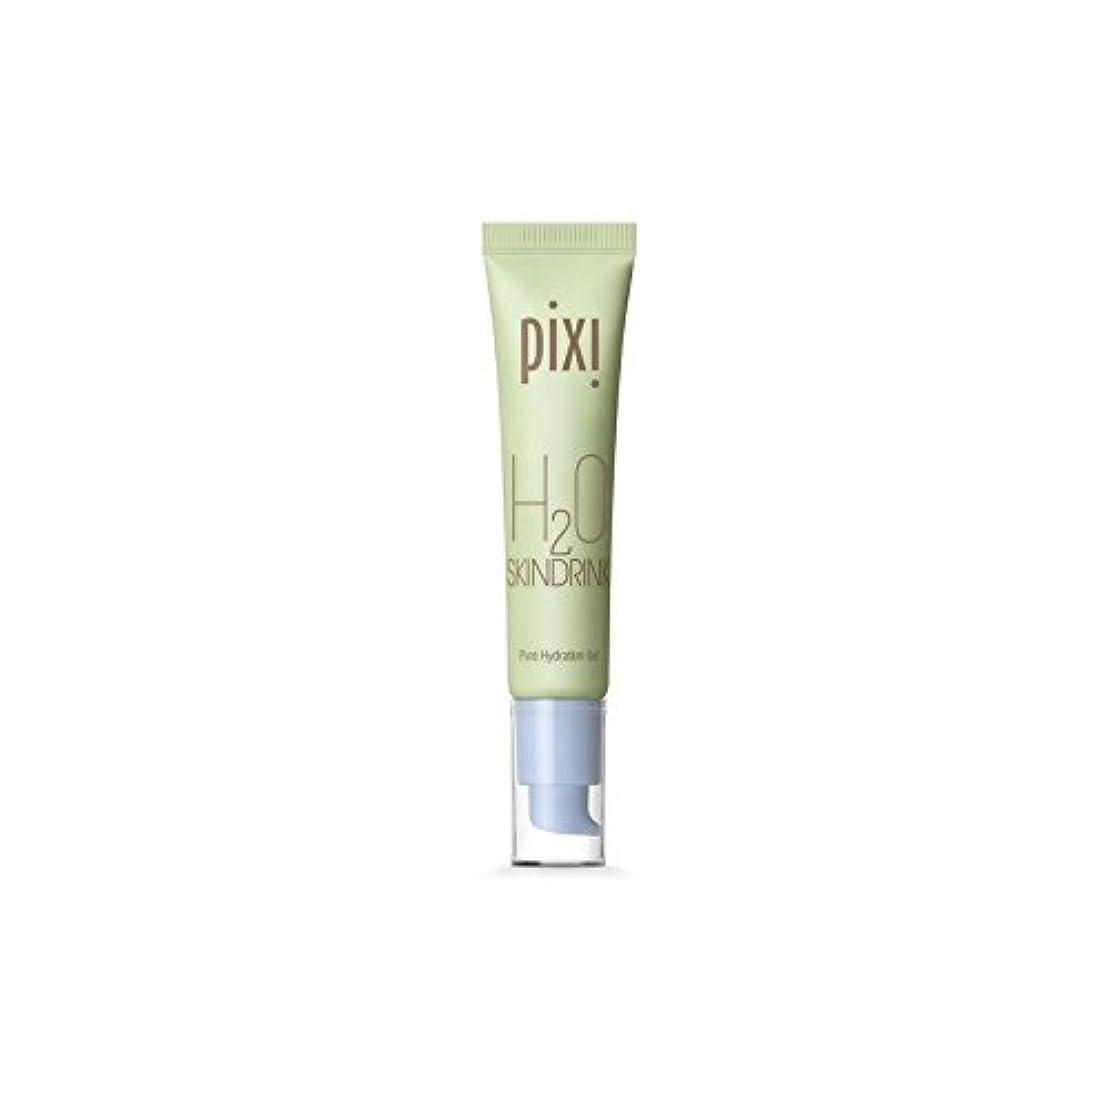 便益サーカスインレイPixi H20 Skin Drink (Pack of 6) - 20スキンドリンク x6 [並行輸入品]